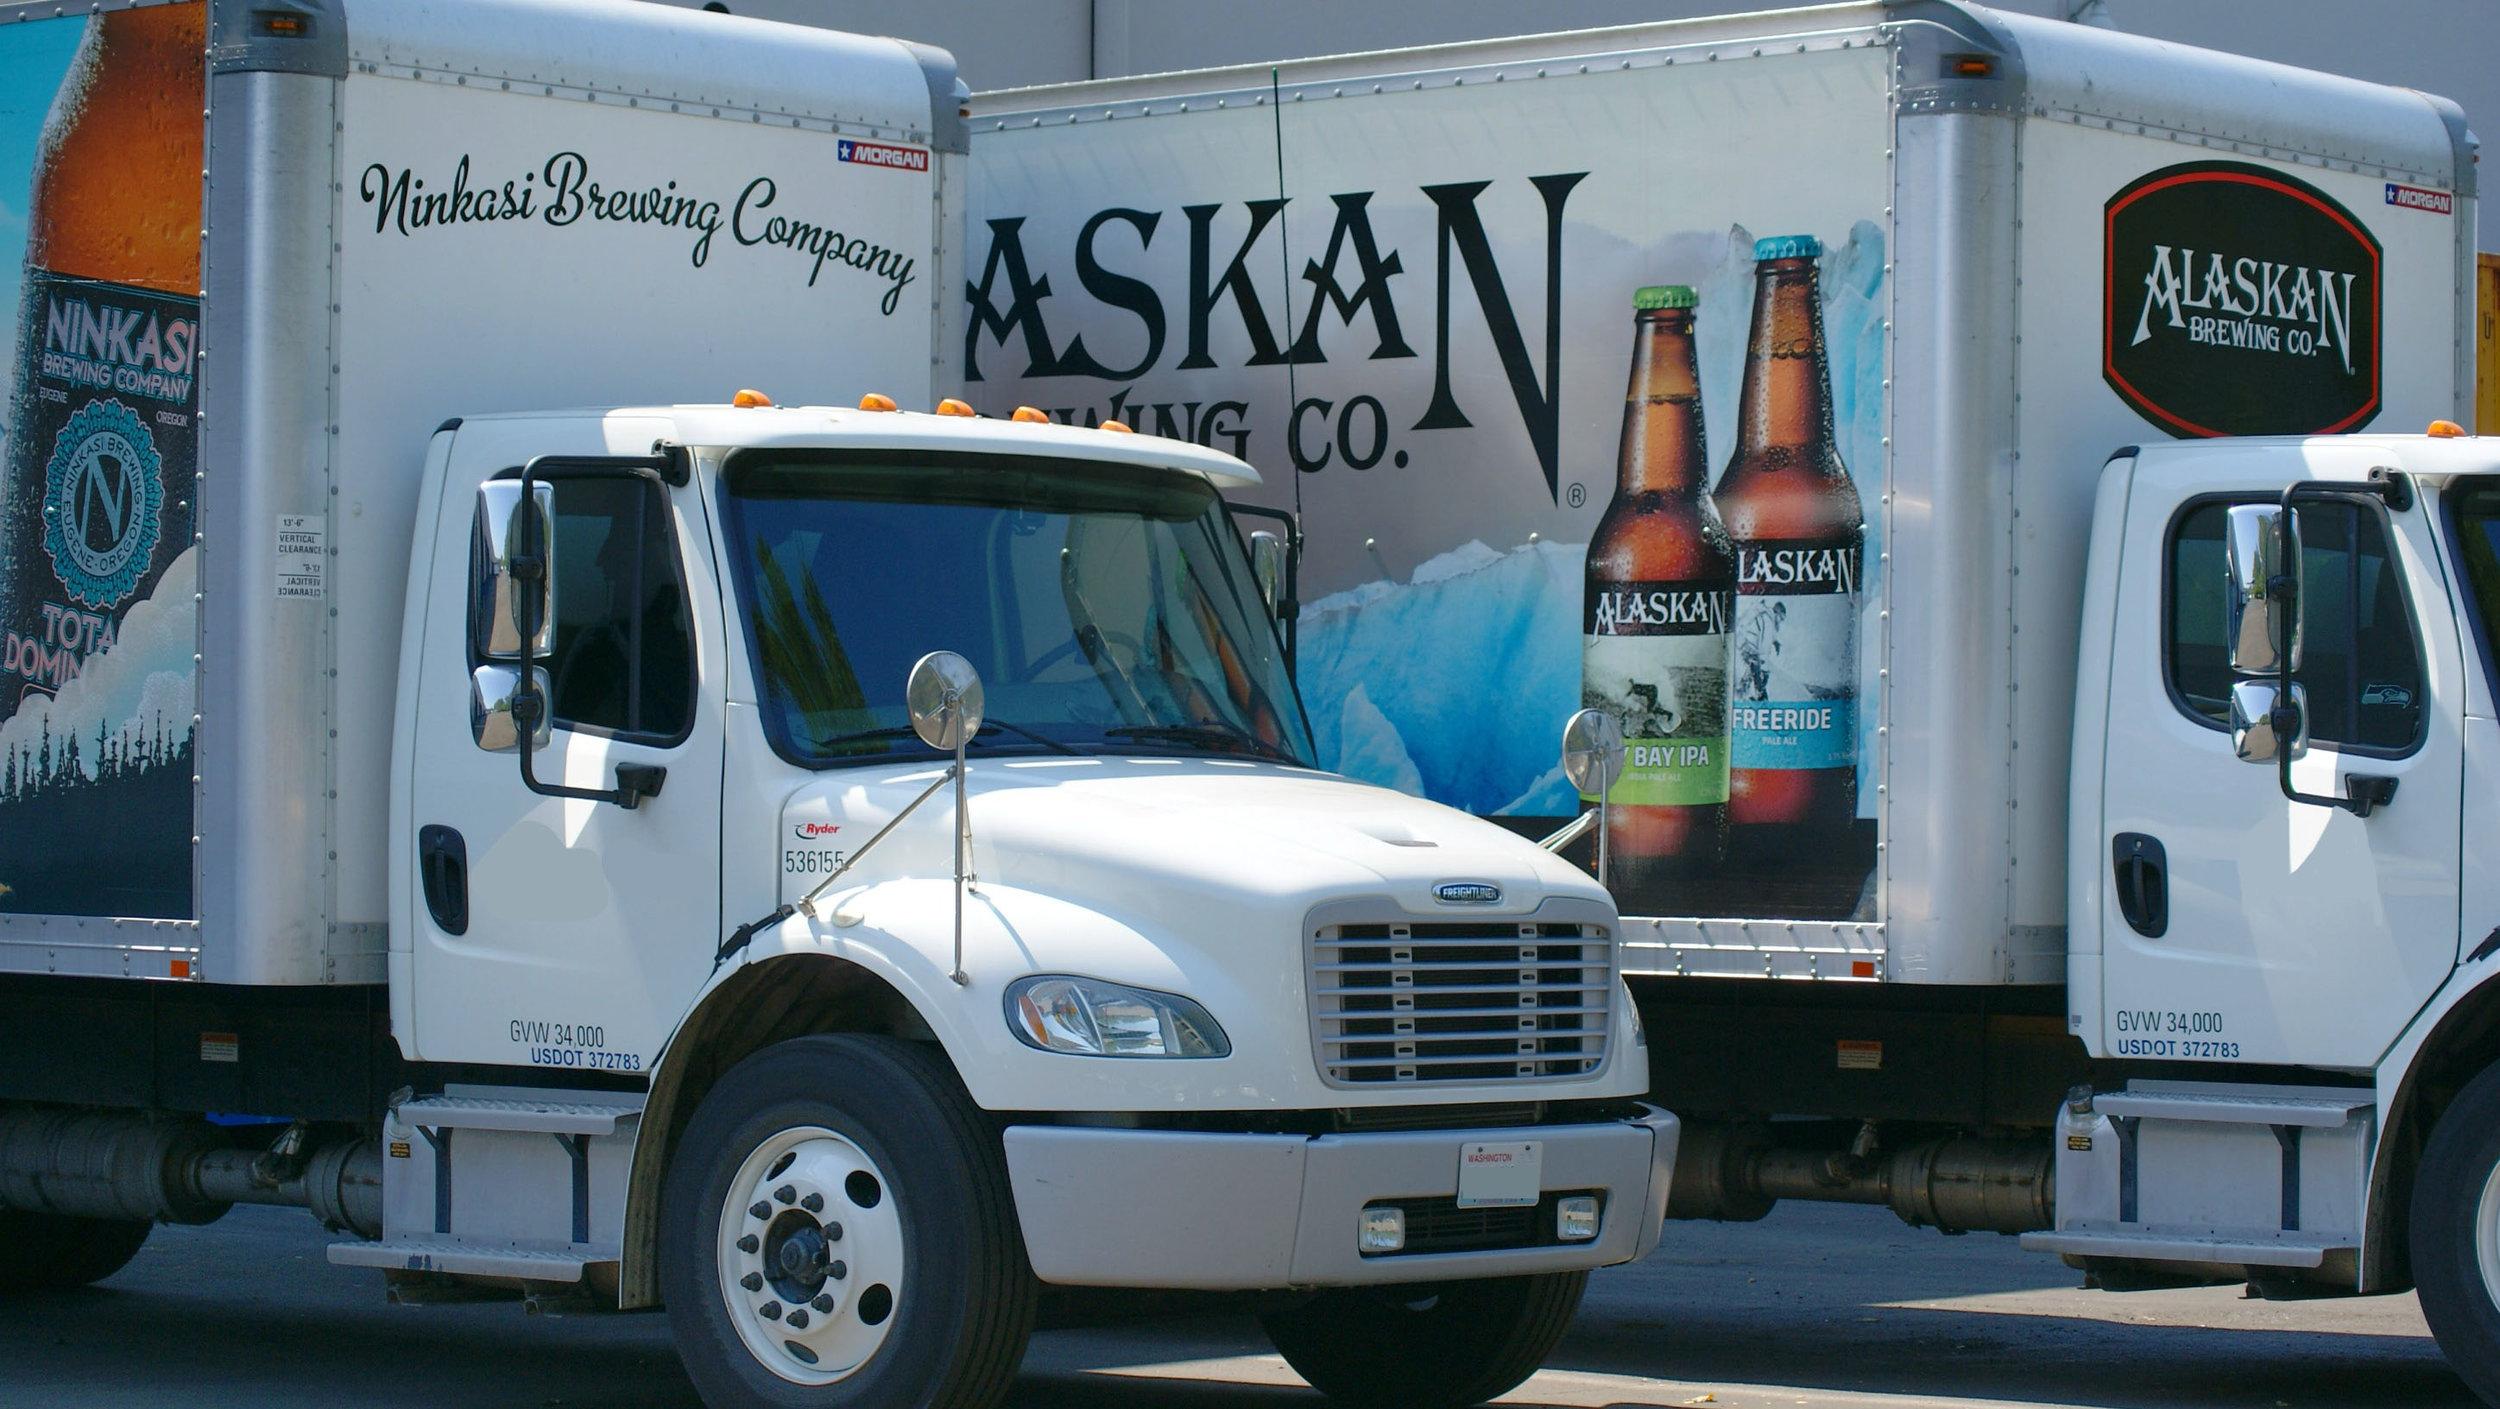 Ninkasi and Alaskan Truck Edit 2.jpg